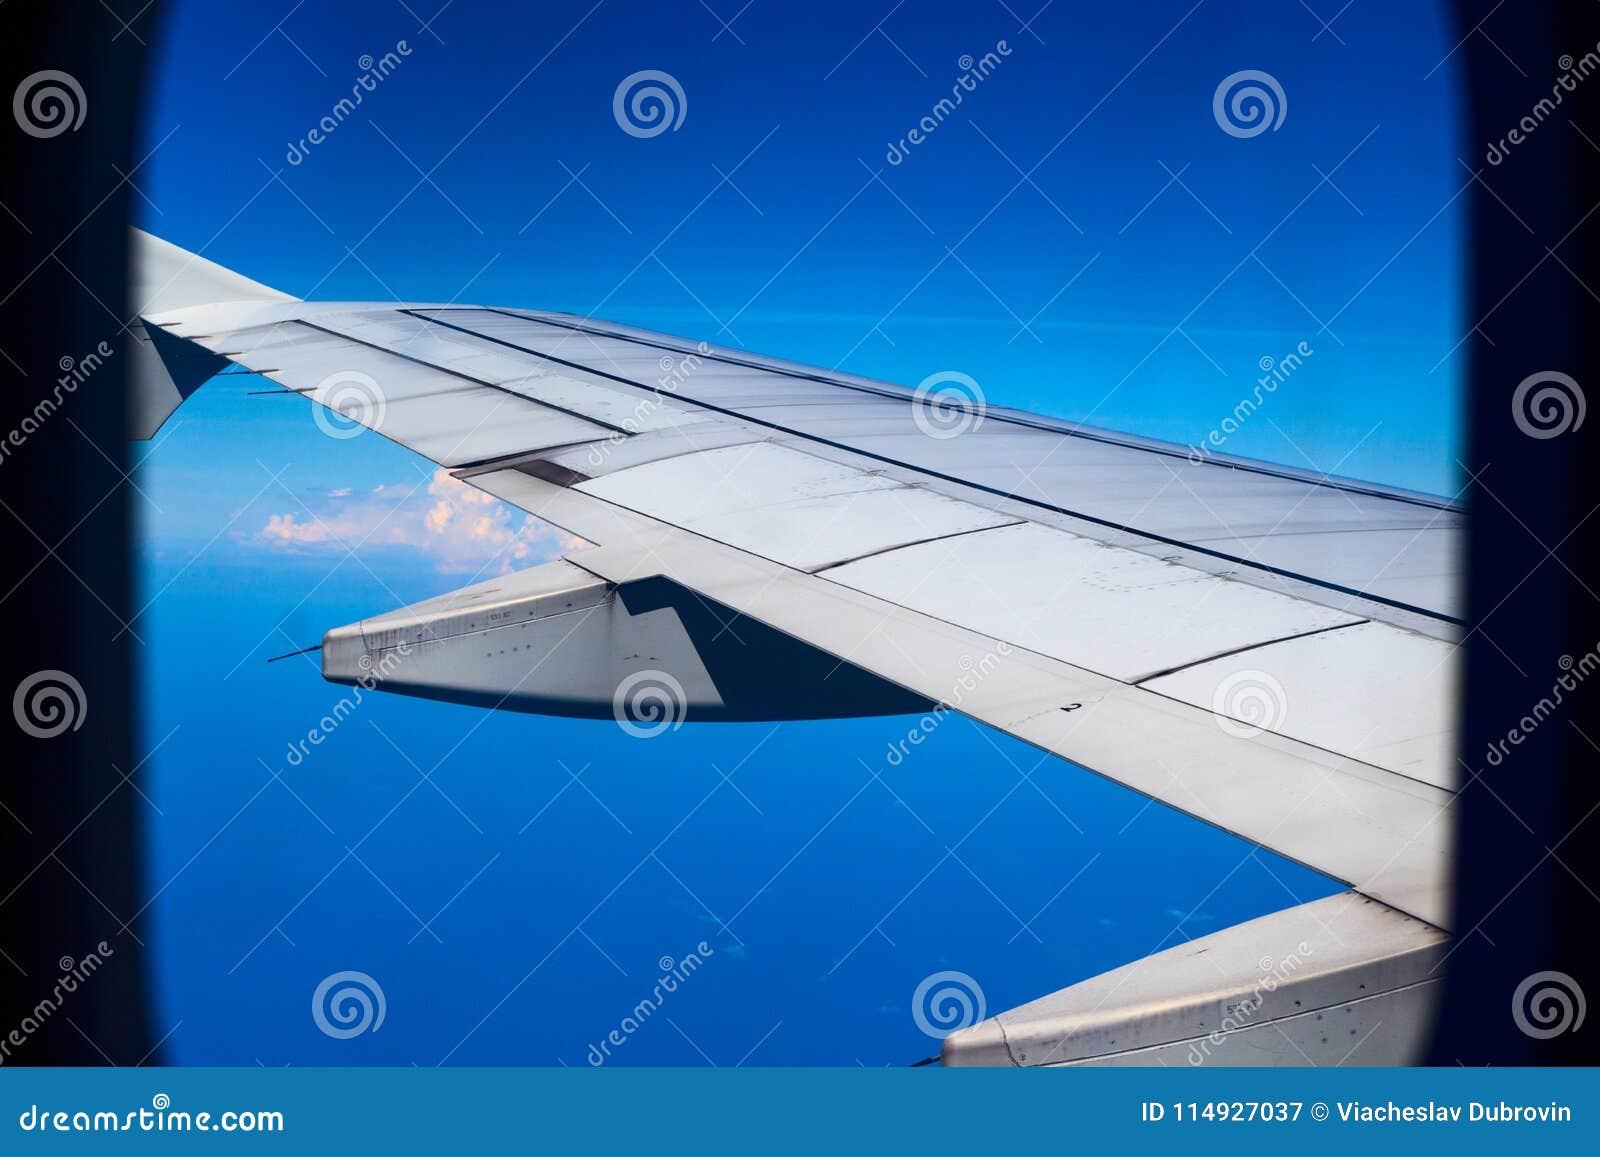 Vliegtuigvleugel in blauwe hemel, mening door vliegtuigvenster Reis door de lucht De mening van het vliegtuigenvenster